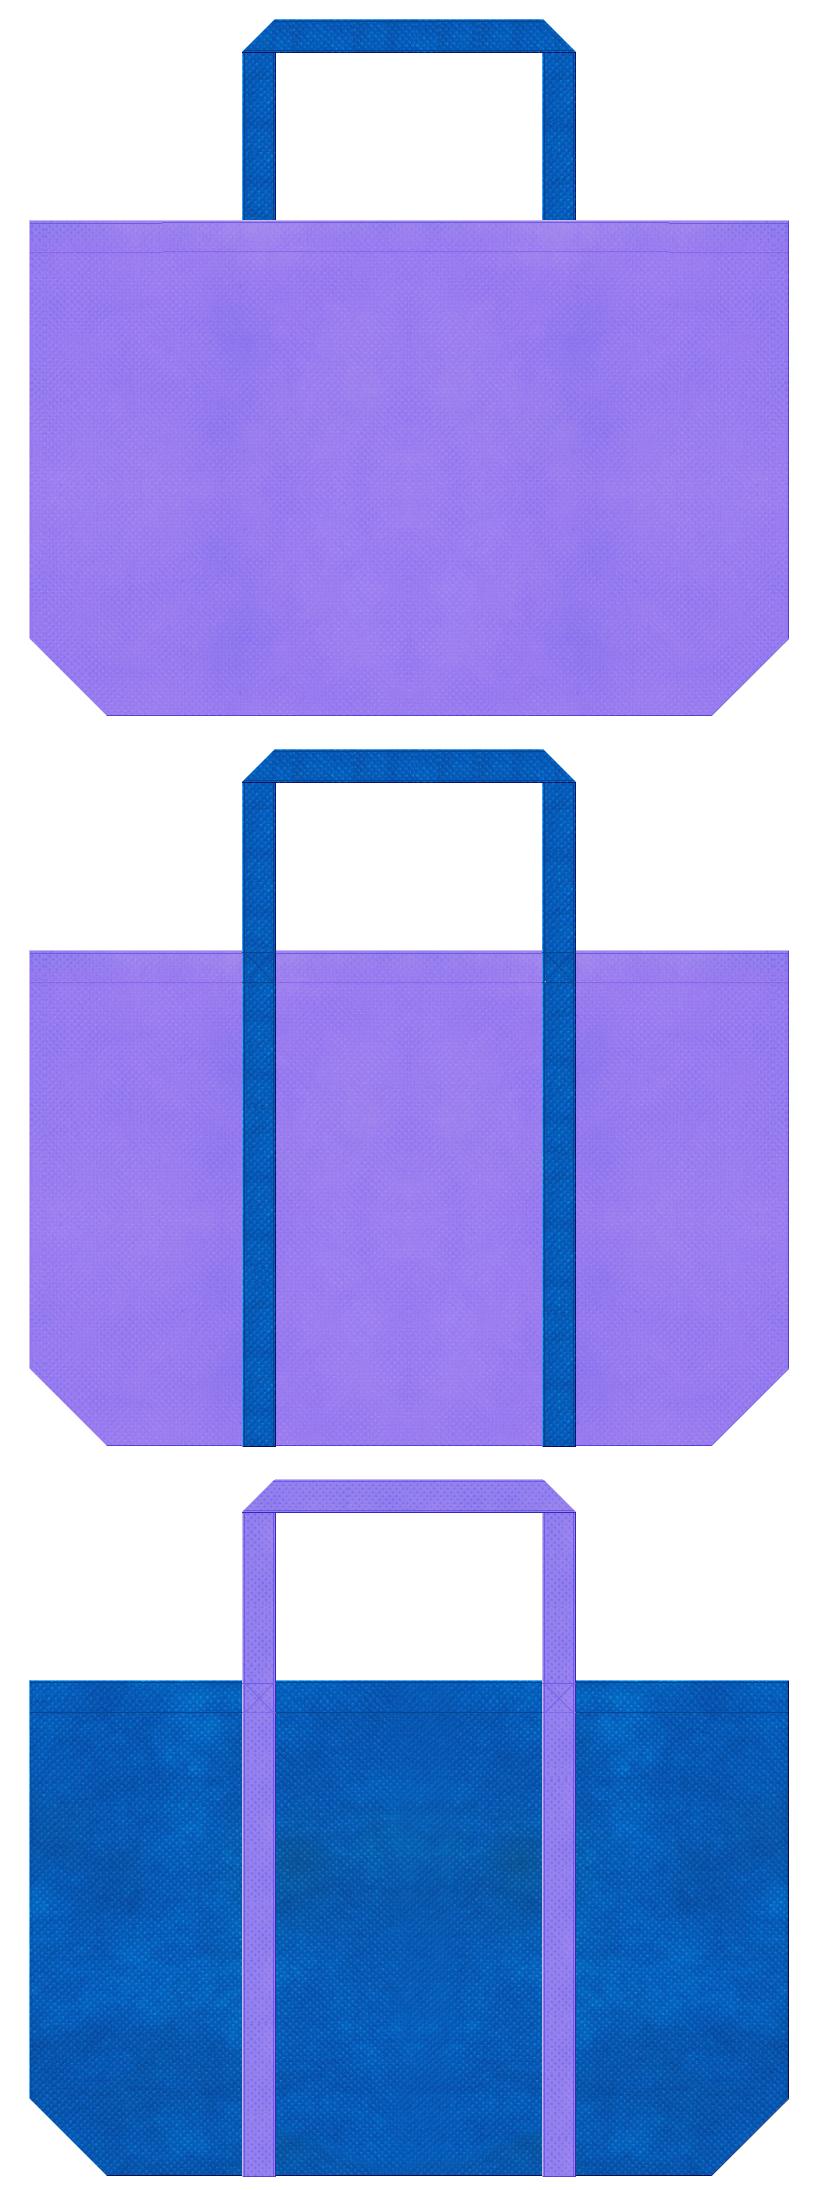 不織布トートバッグ 舟底タイプ 不織布カラーNo.32ミディアムパープルとNo.22スカイブルーの組み合わせ